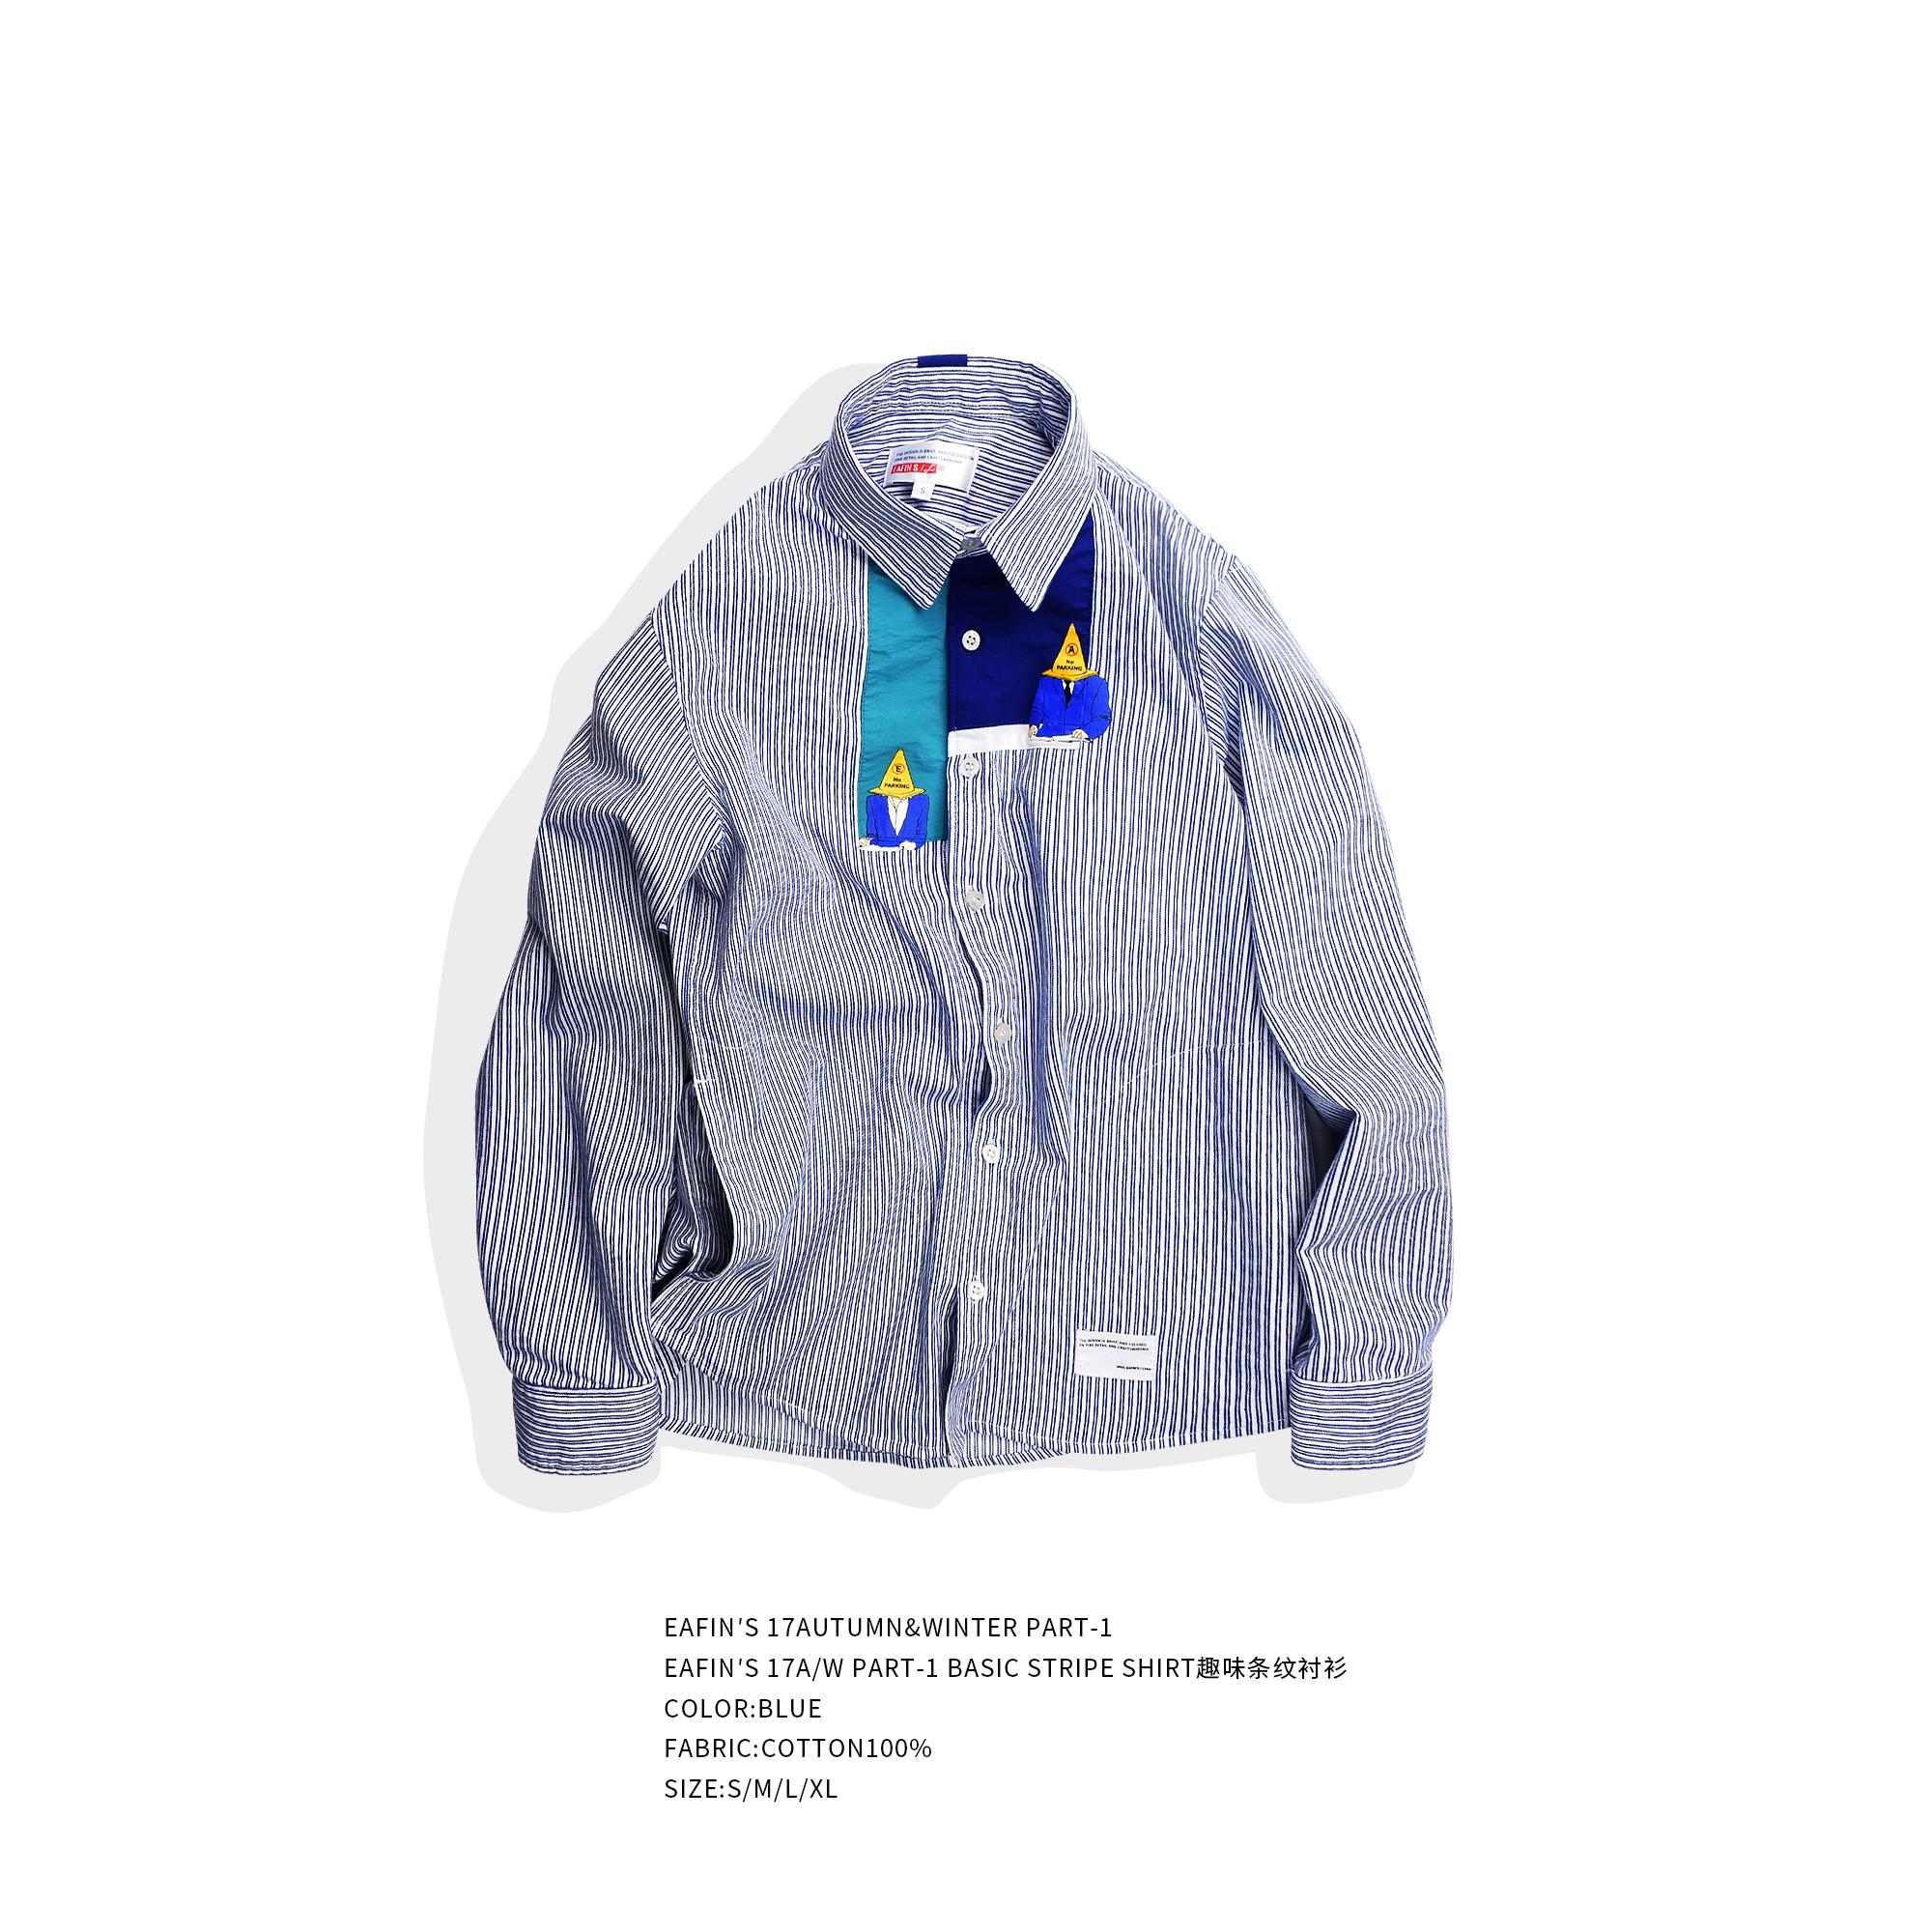 EAFIN′S 17A/W SHIRT趣味条纹衬衫贴布拼接休闲长袖衬衫